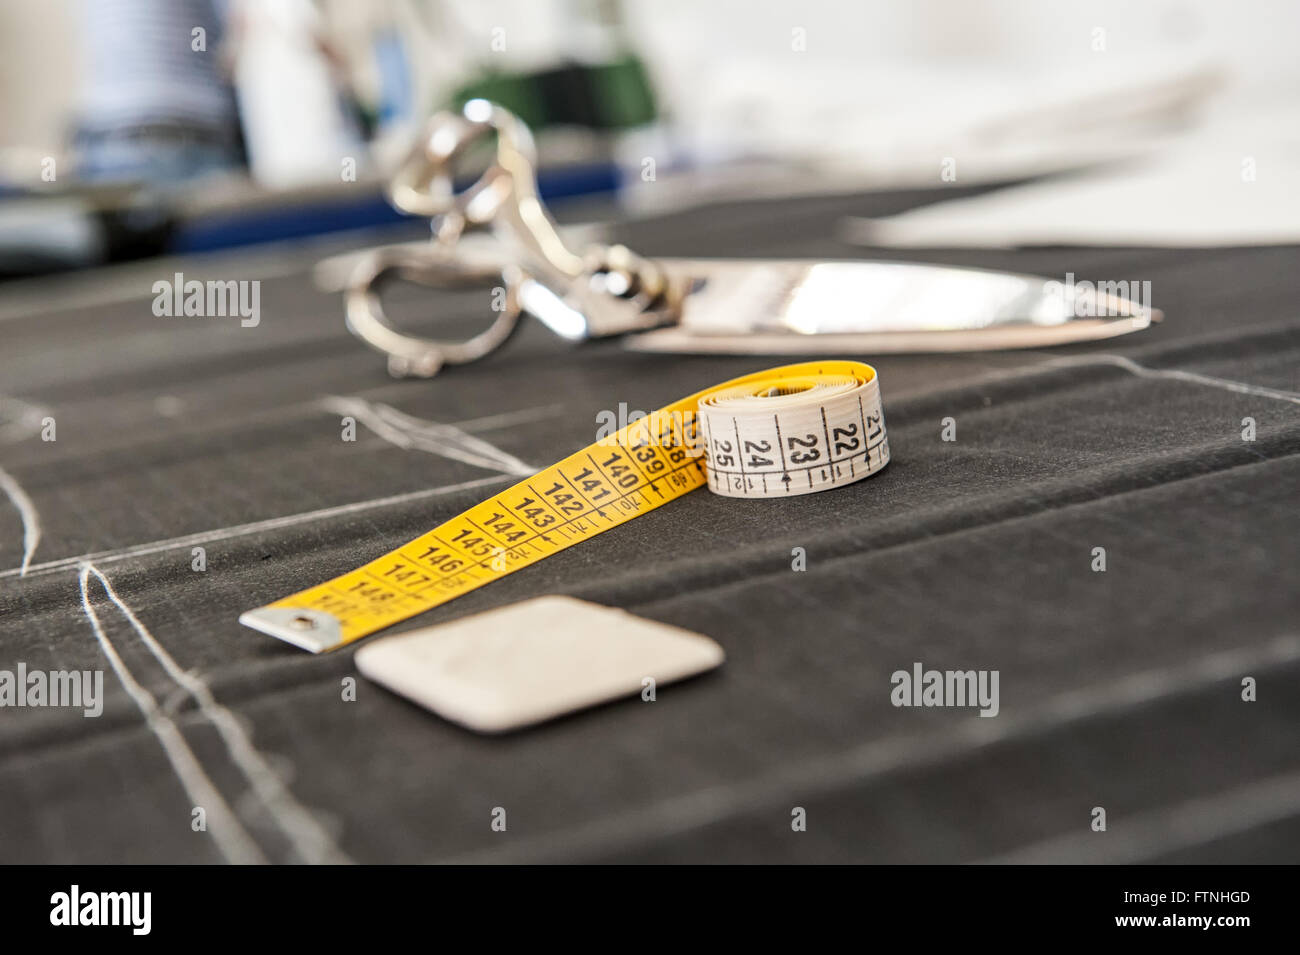 Craie et d'un ruban de mesure sur le tissu non coupée dans un tailors shop Photo Stock